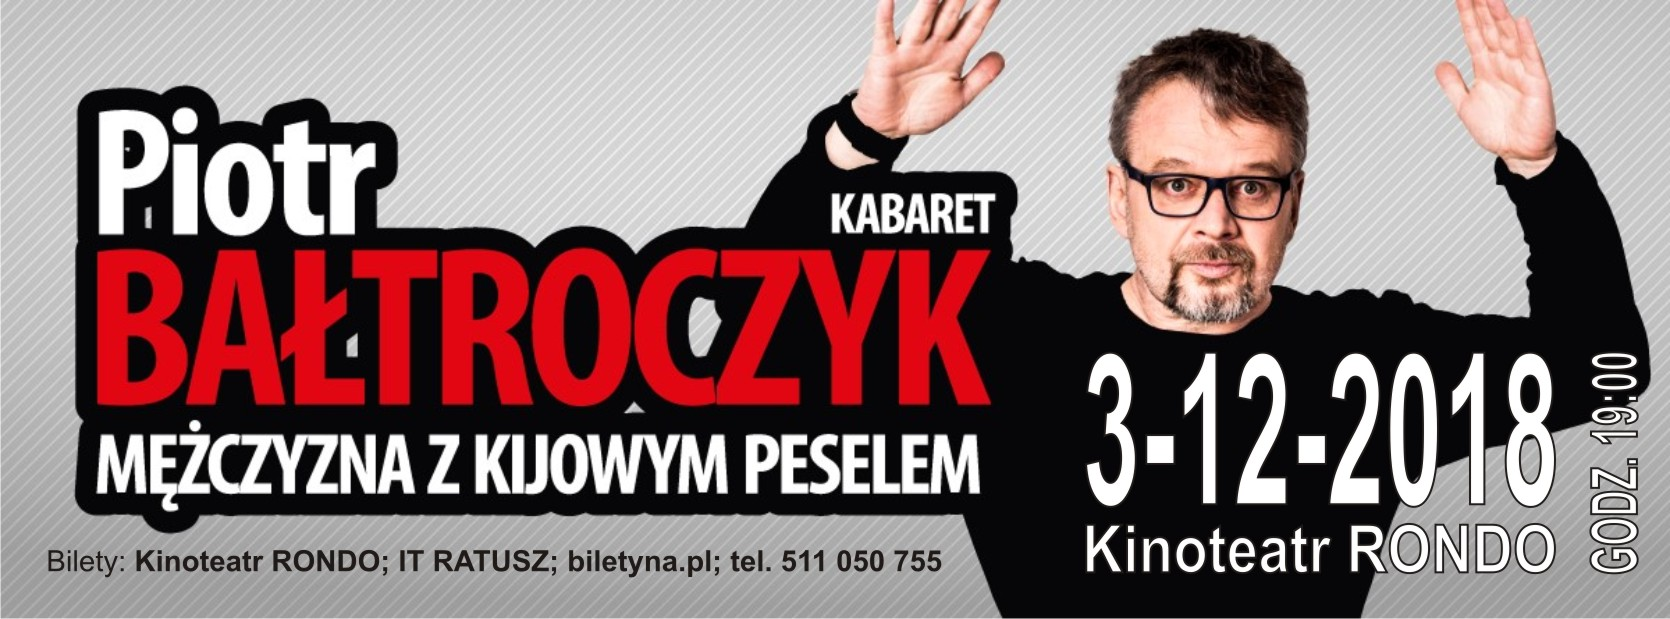 Kabaret Piotr Bałtroczyk - Mężczyzna z kijowym peselem w Chełmnie, 3 grudnia 2018 r.